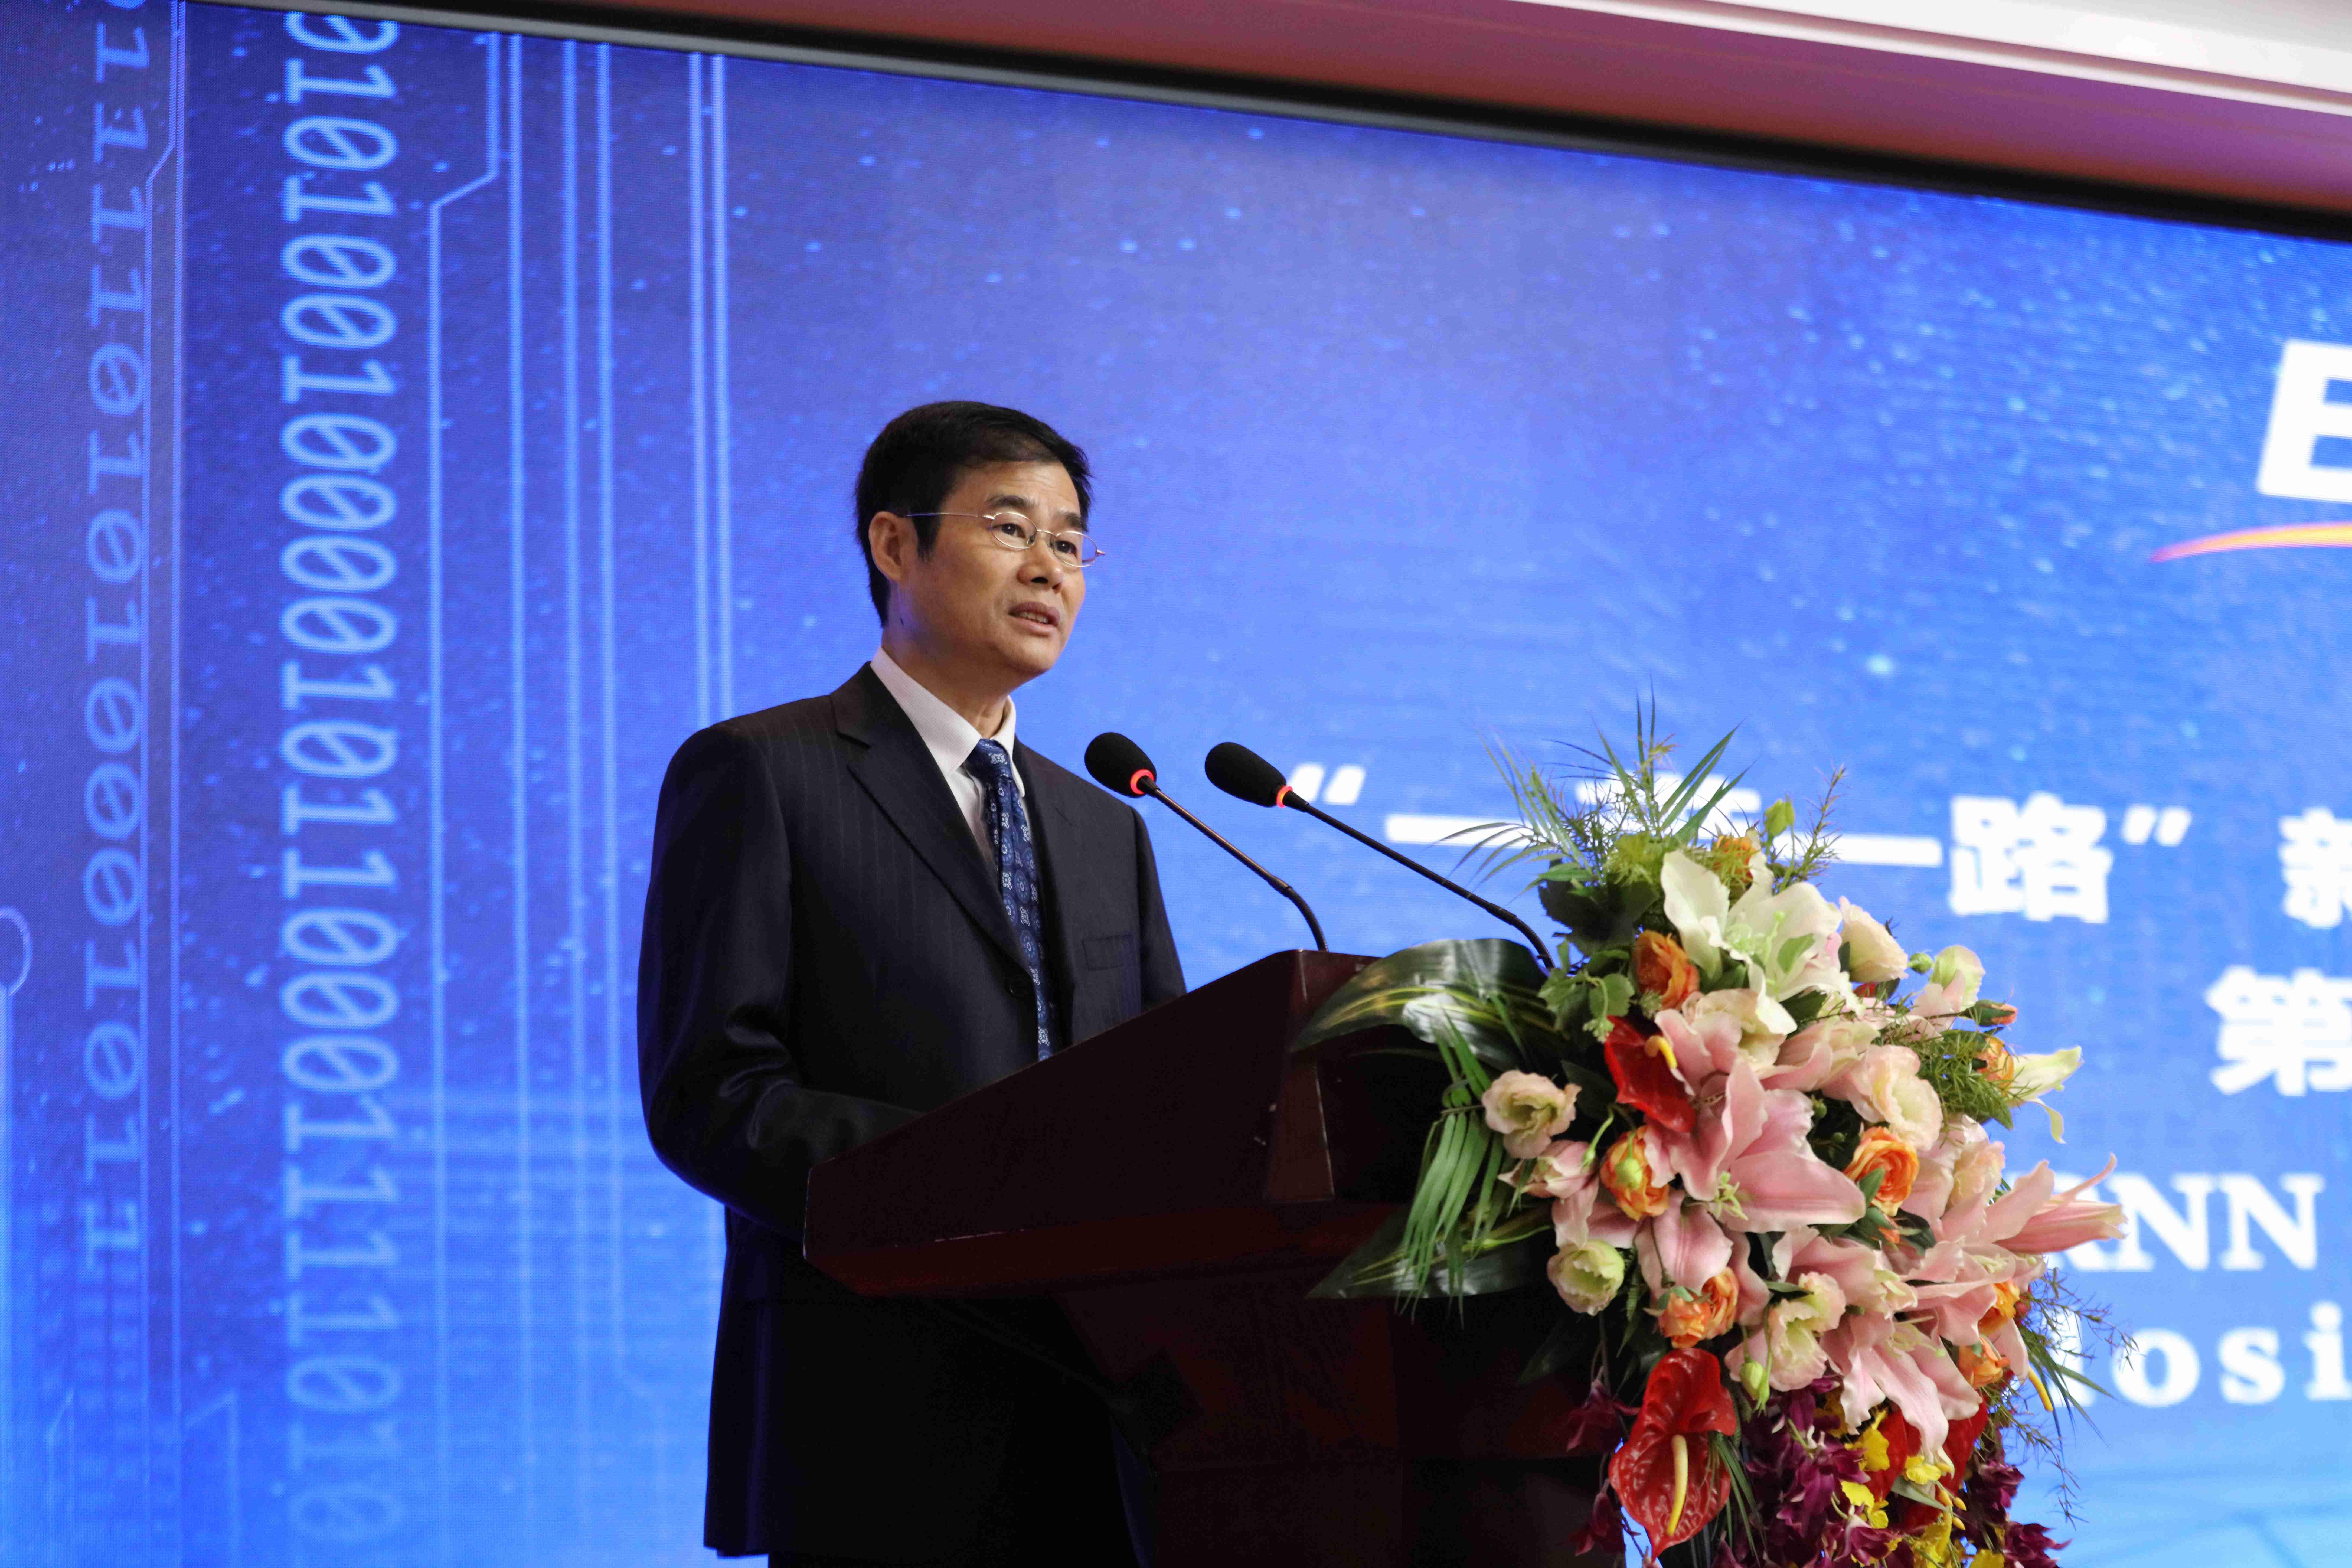 陈文申:认识立体多彩、热情友好、开放自信的中国